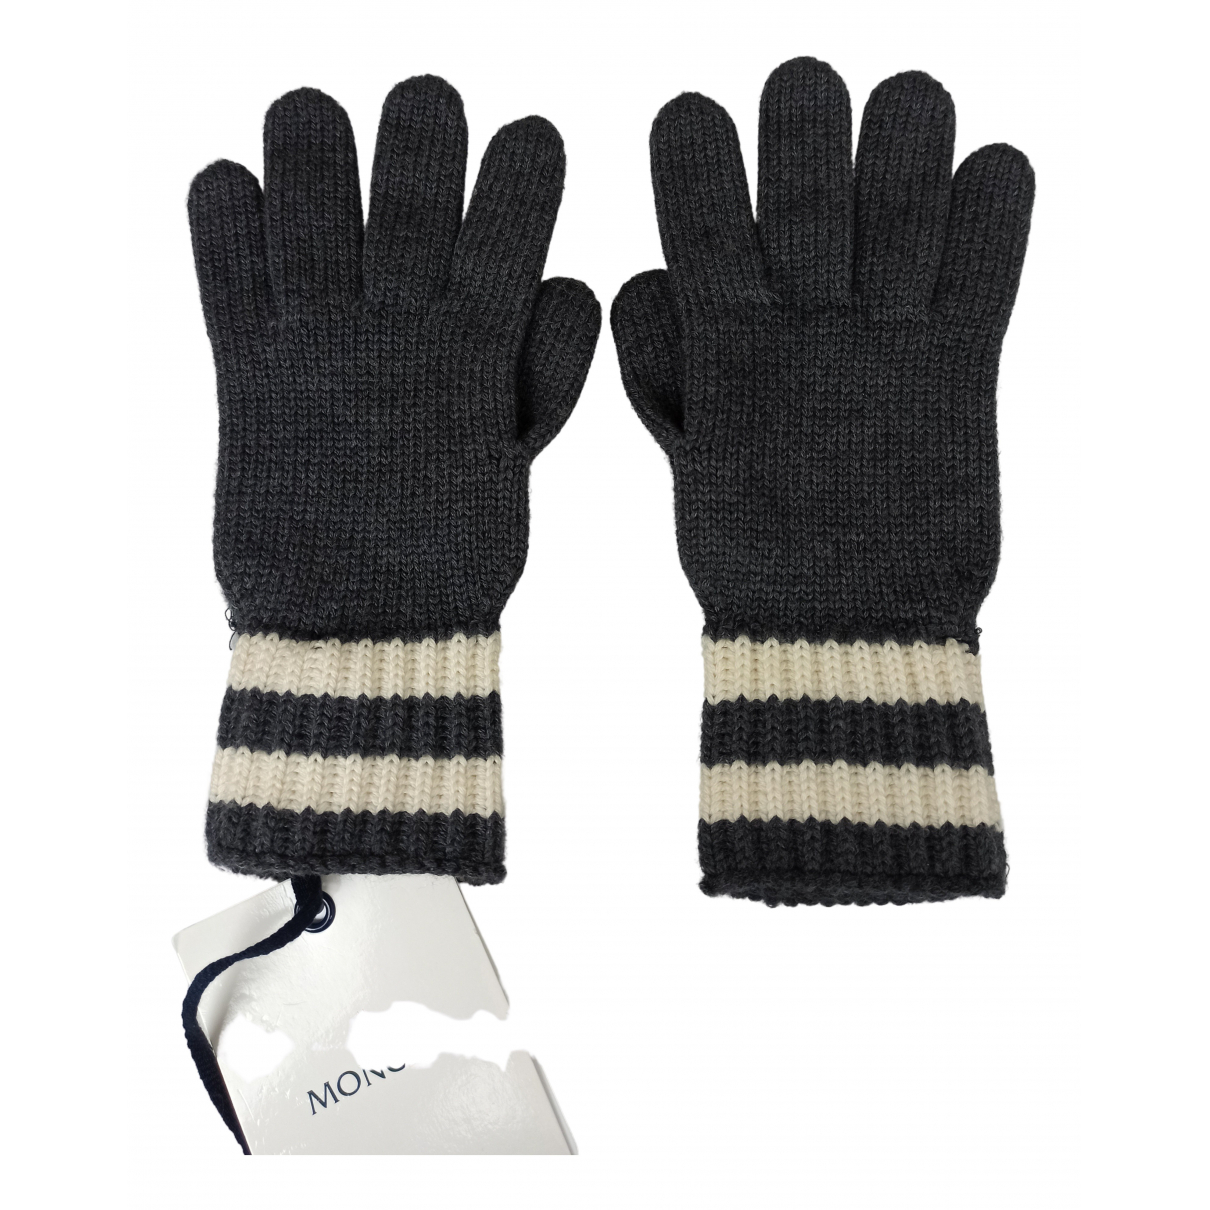 Moncler \N Handschuhe in  Grau Wolle